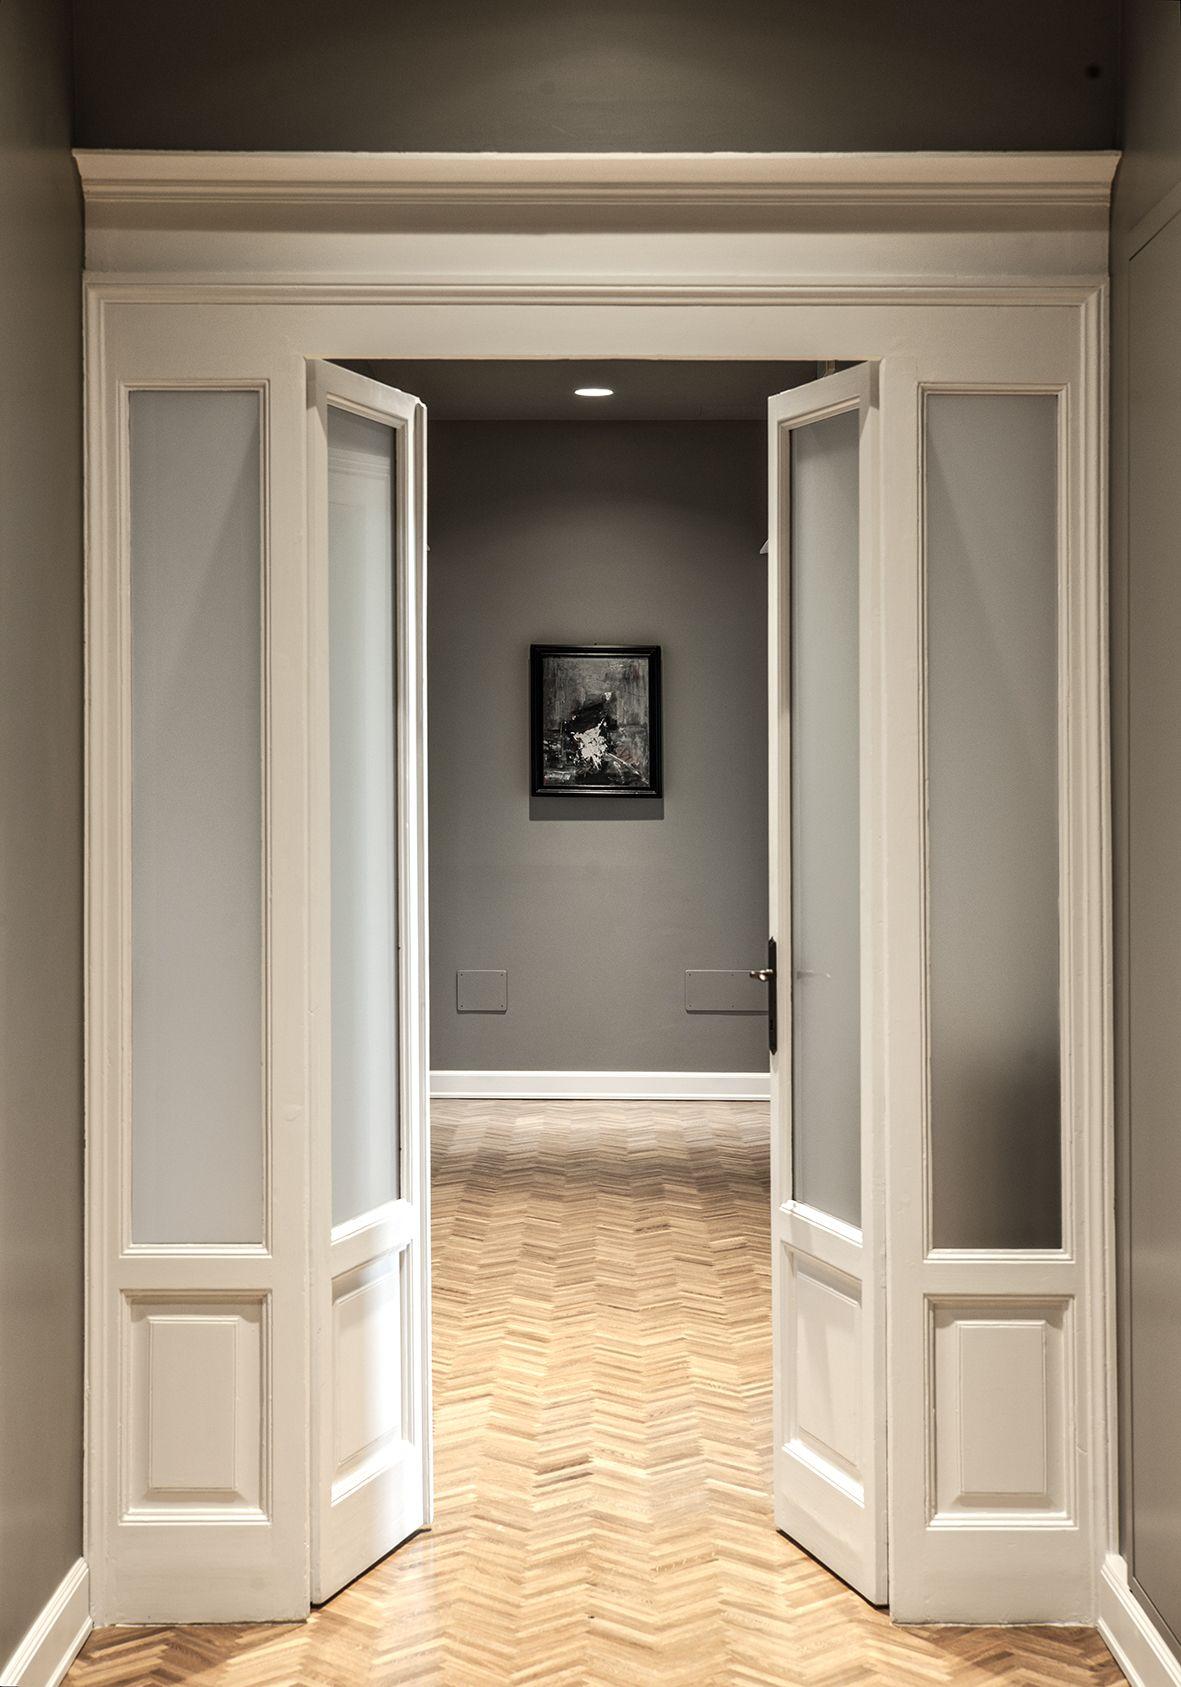 Un progetto di interior design che ha ridisegnato gli for Interior design ufficio